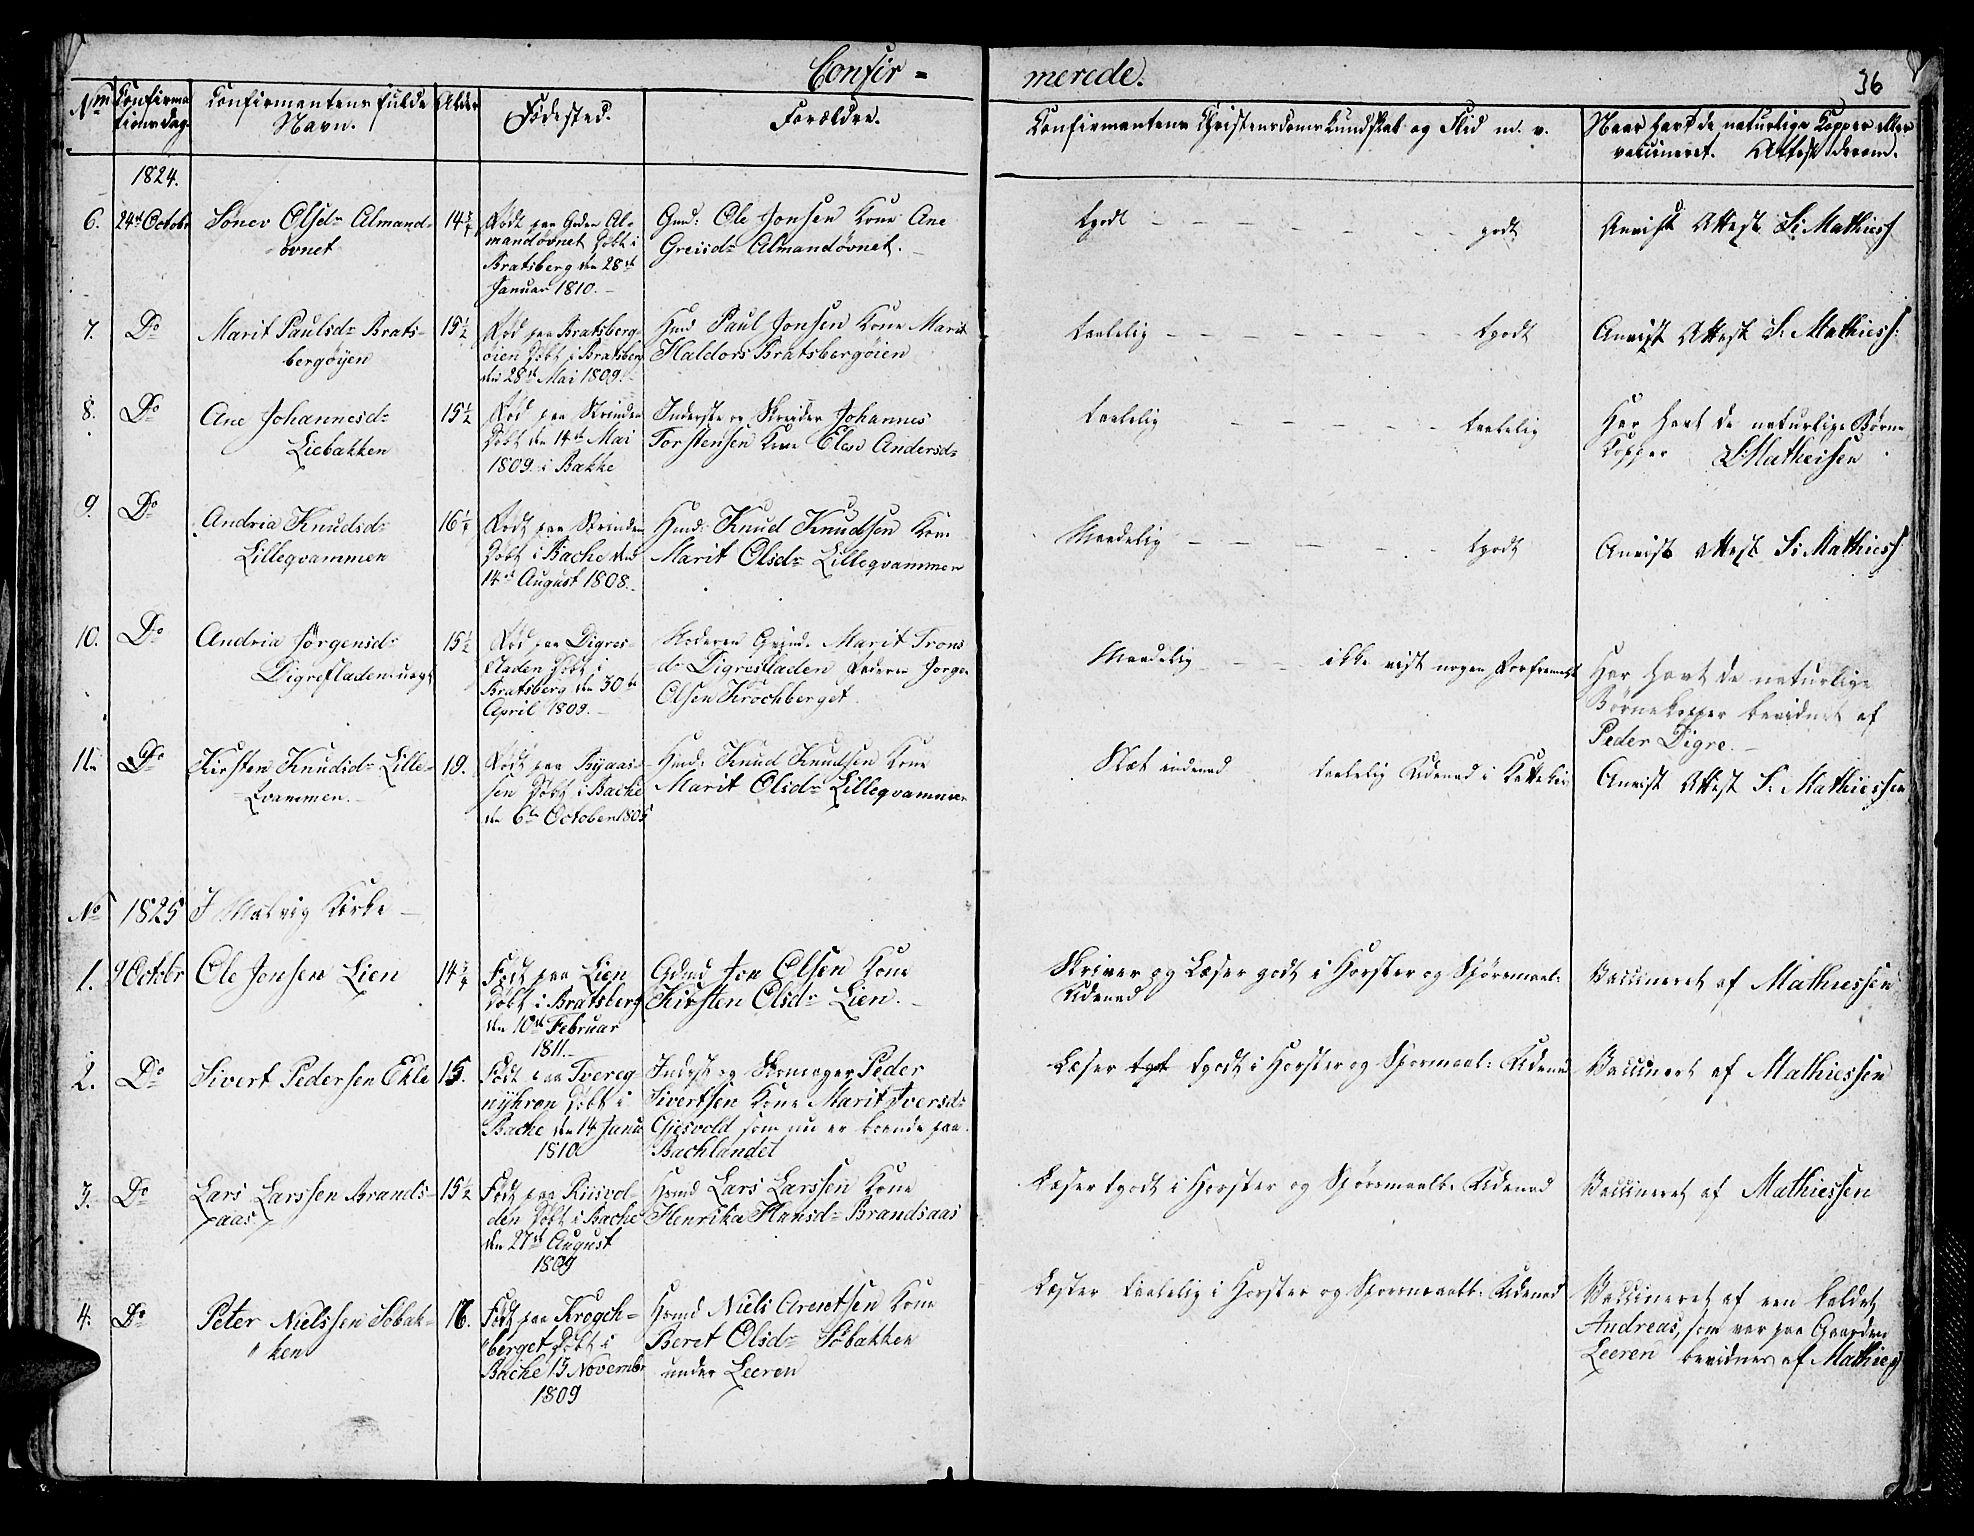 SAT, Ministerialprotokoller, klokkerbøker og fødselsregistre - Sør-Trøndelag, 608/L0337: Klokkerbok nr. 608C03, 1821-1831, s. 36